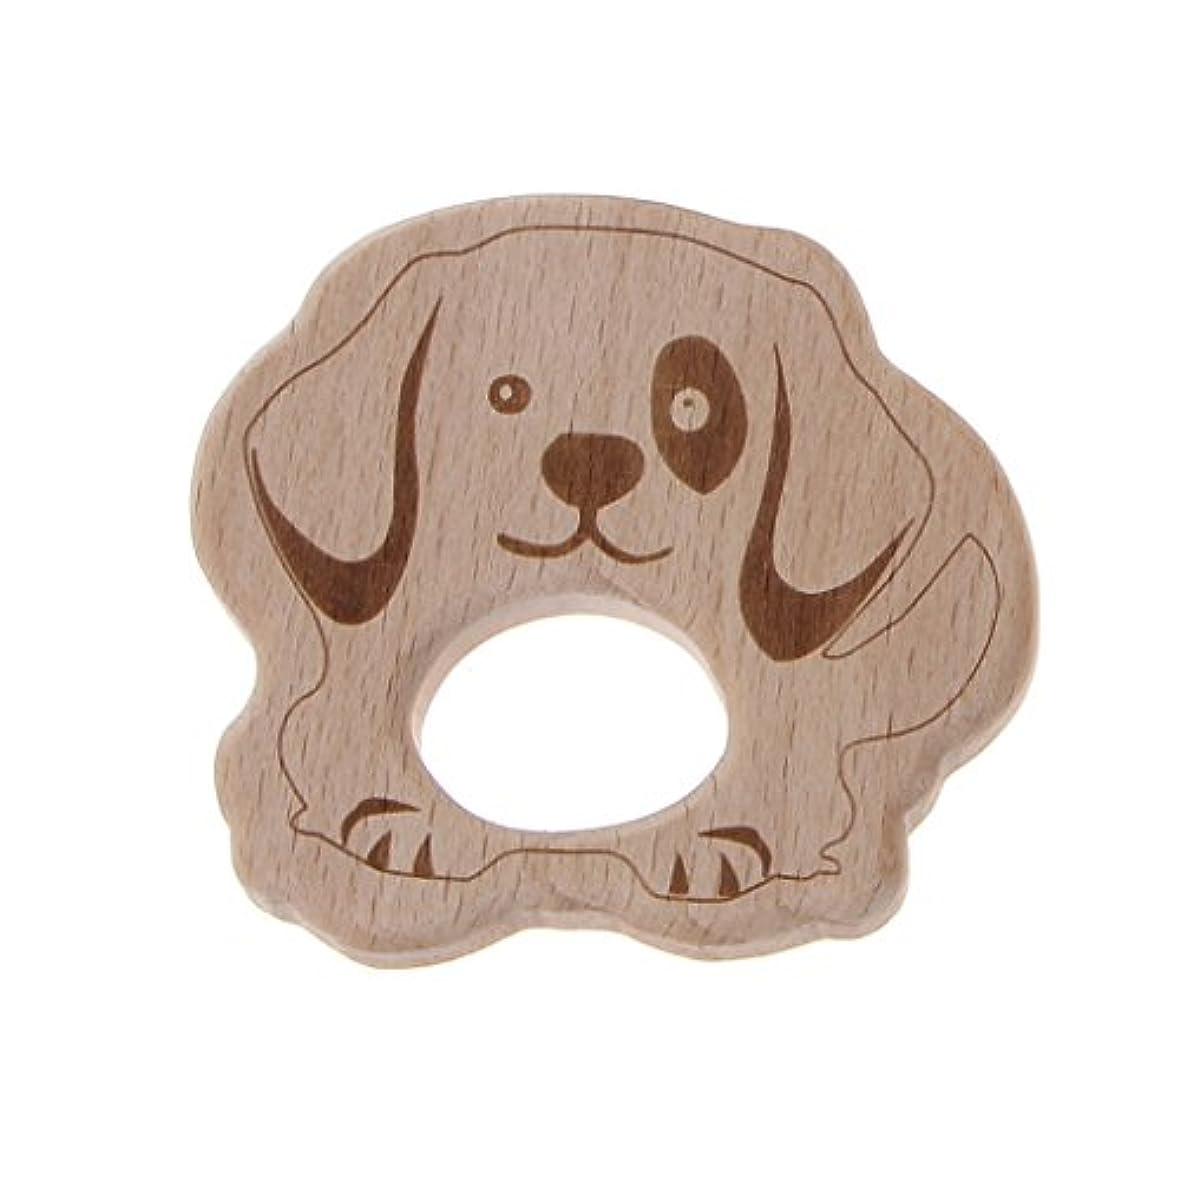 優越消毒剤感情ランドウッドティーザー動物ユーカリティーザー赤ちゃん看護玩具かむ玩具歯が生えるガラガラおもちゃ - 子犬